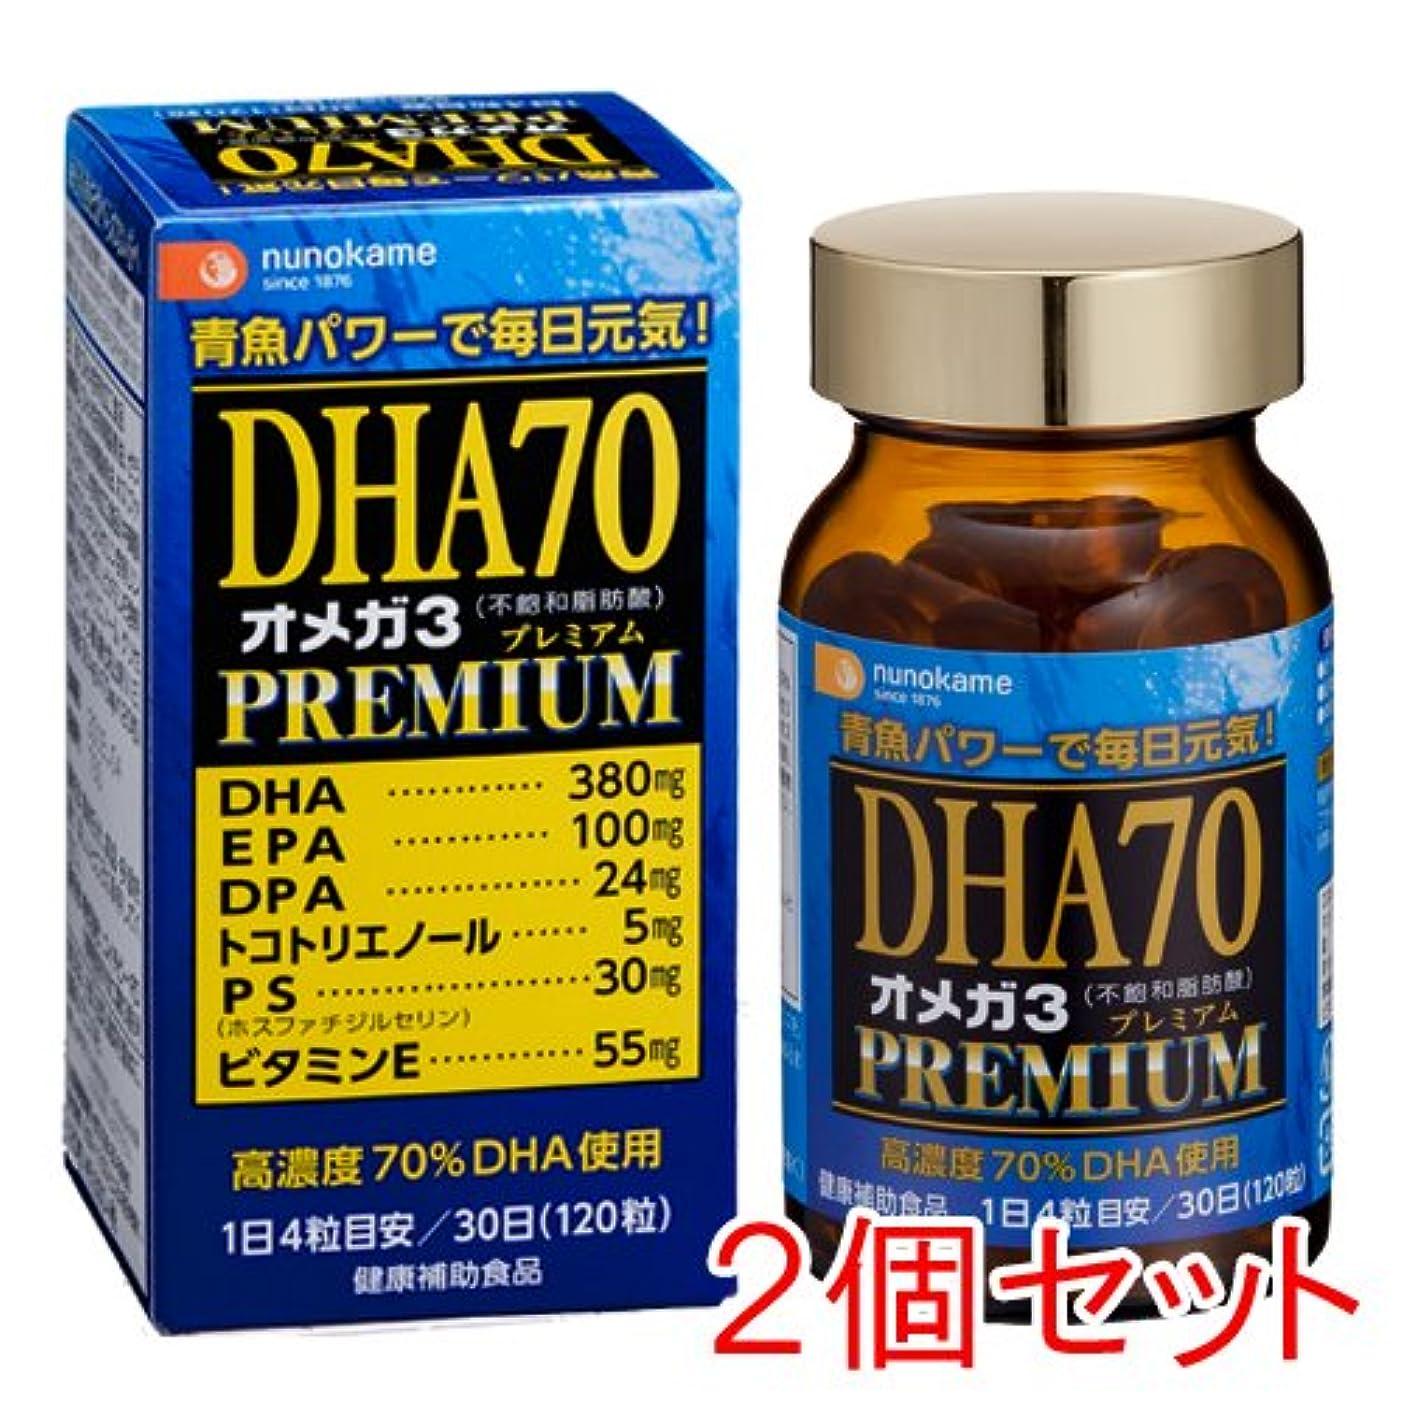 メカニック染料状DHAオメガ3プレミアム 2個セット